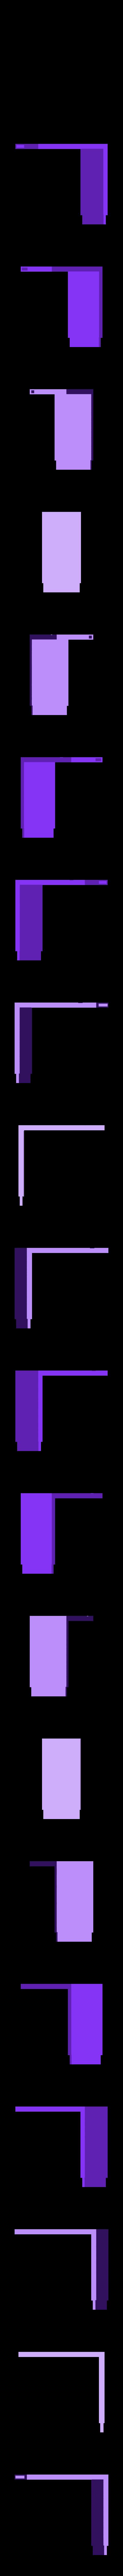 Support extension.stl Download STL file Neo-shelf • 3D print design, Log5